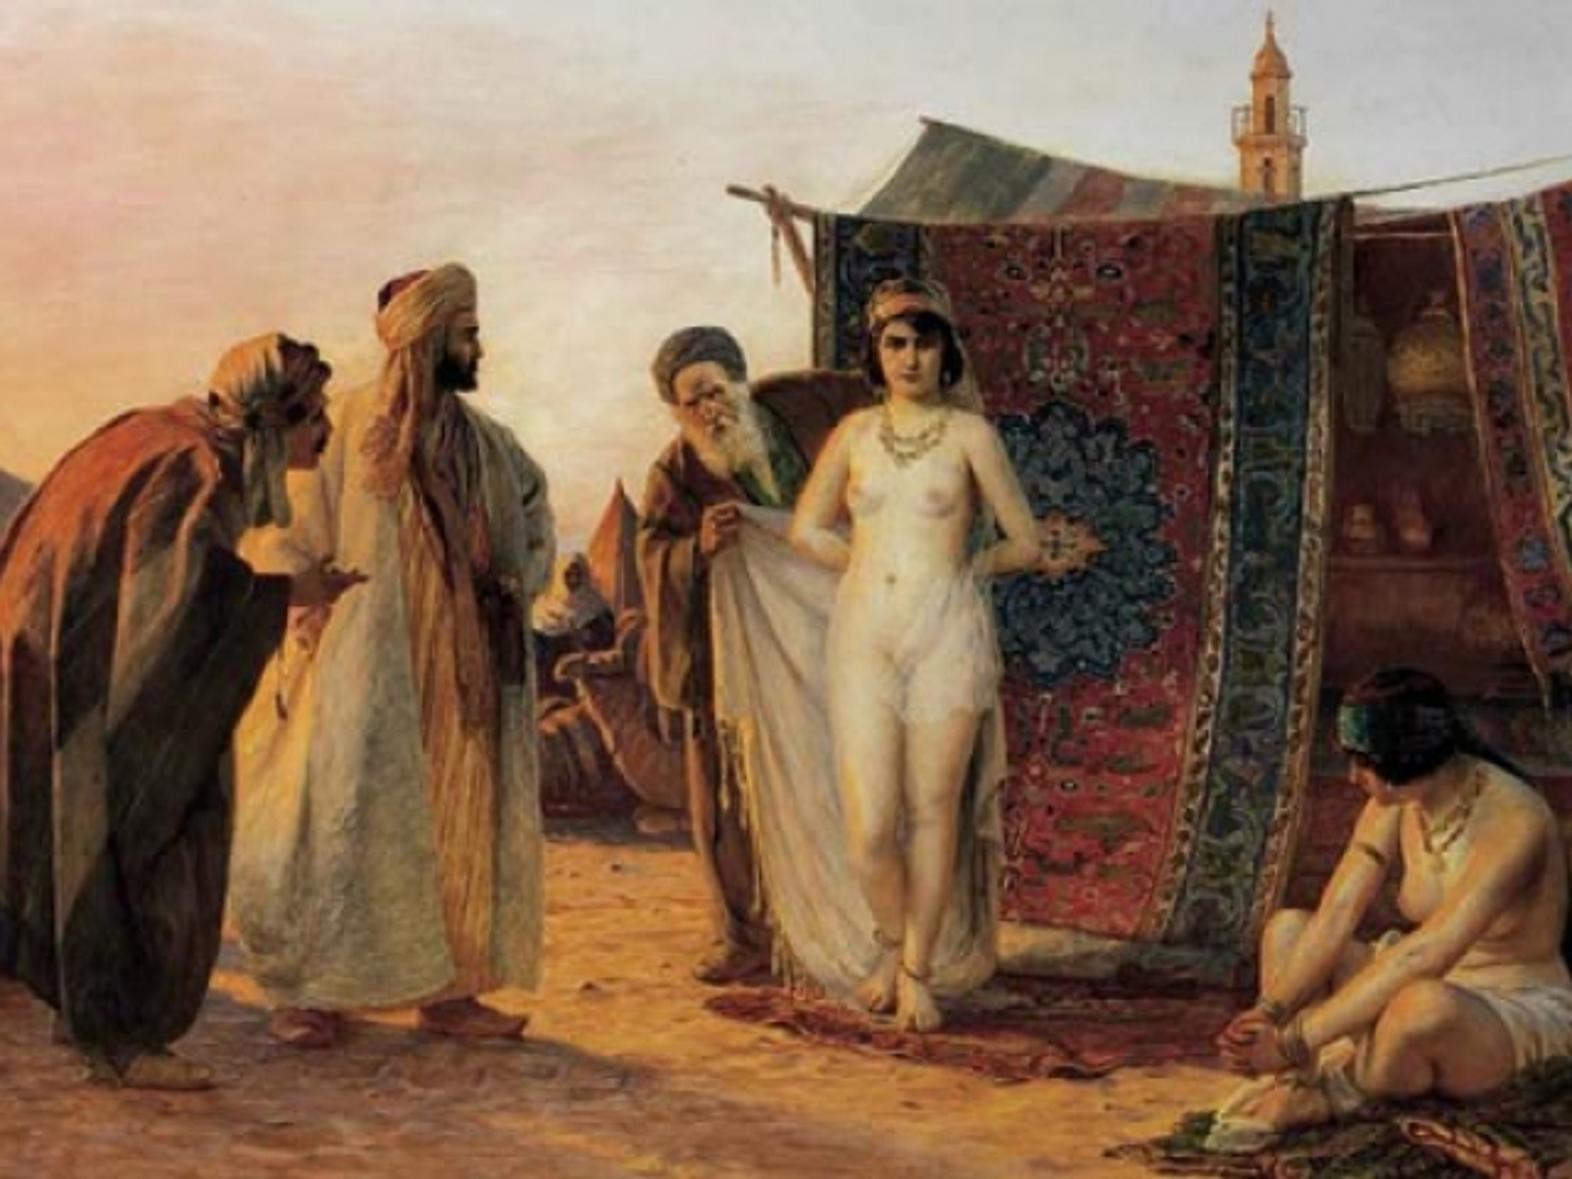 Рабыни картинки рисунки фото, История искусств: Торговля голыми рабынями на Востоке 22 фотография